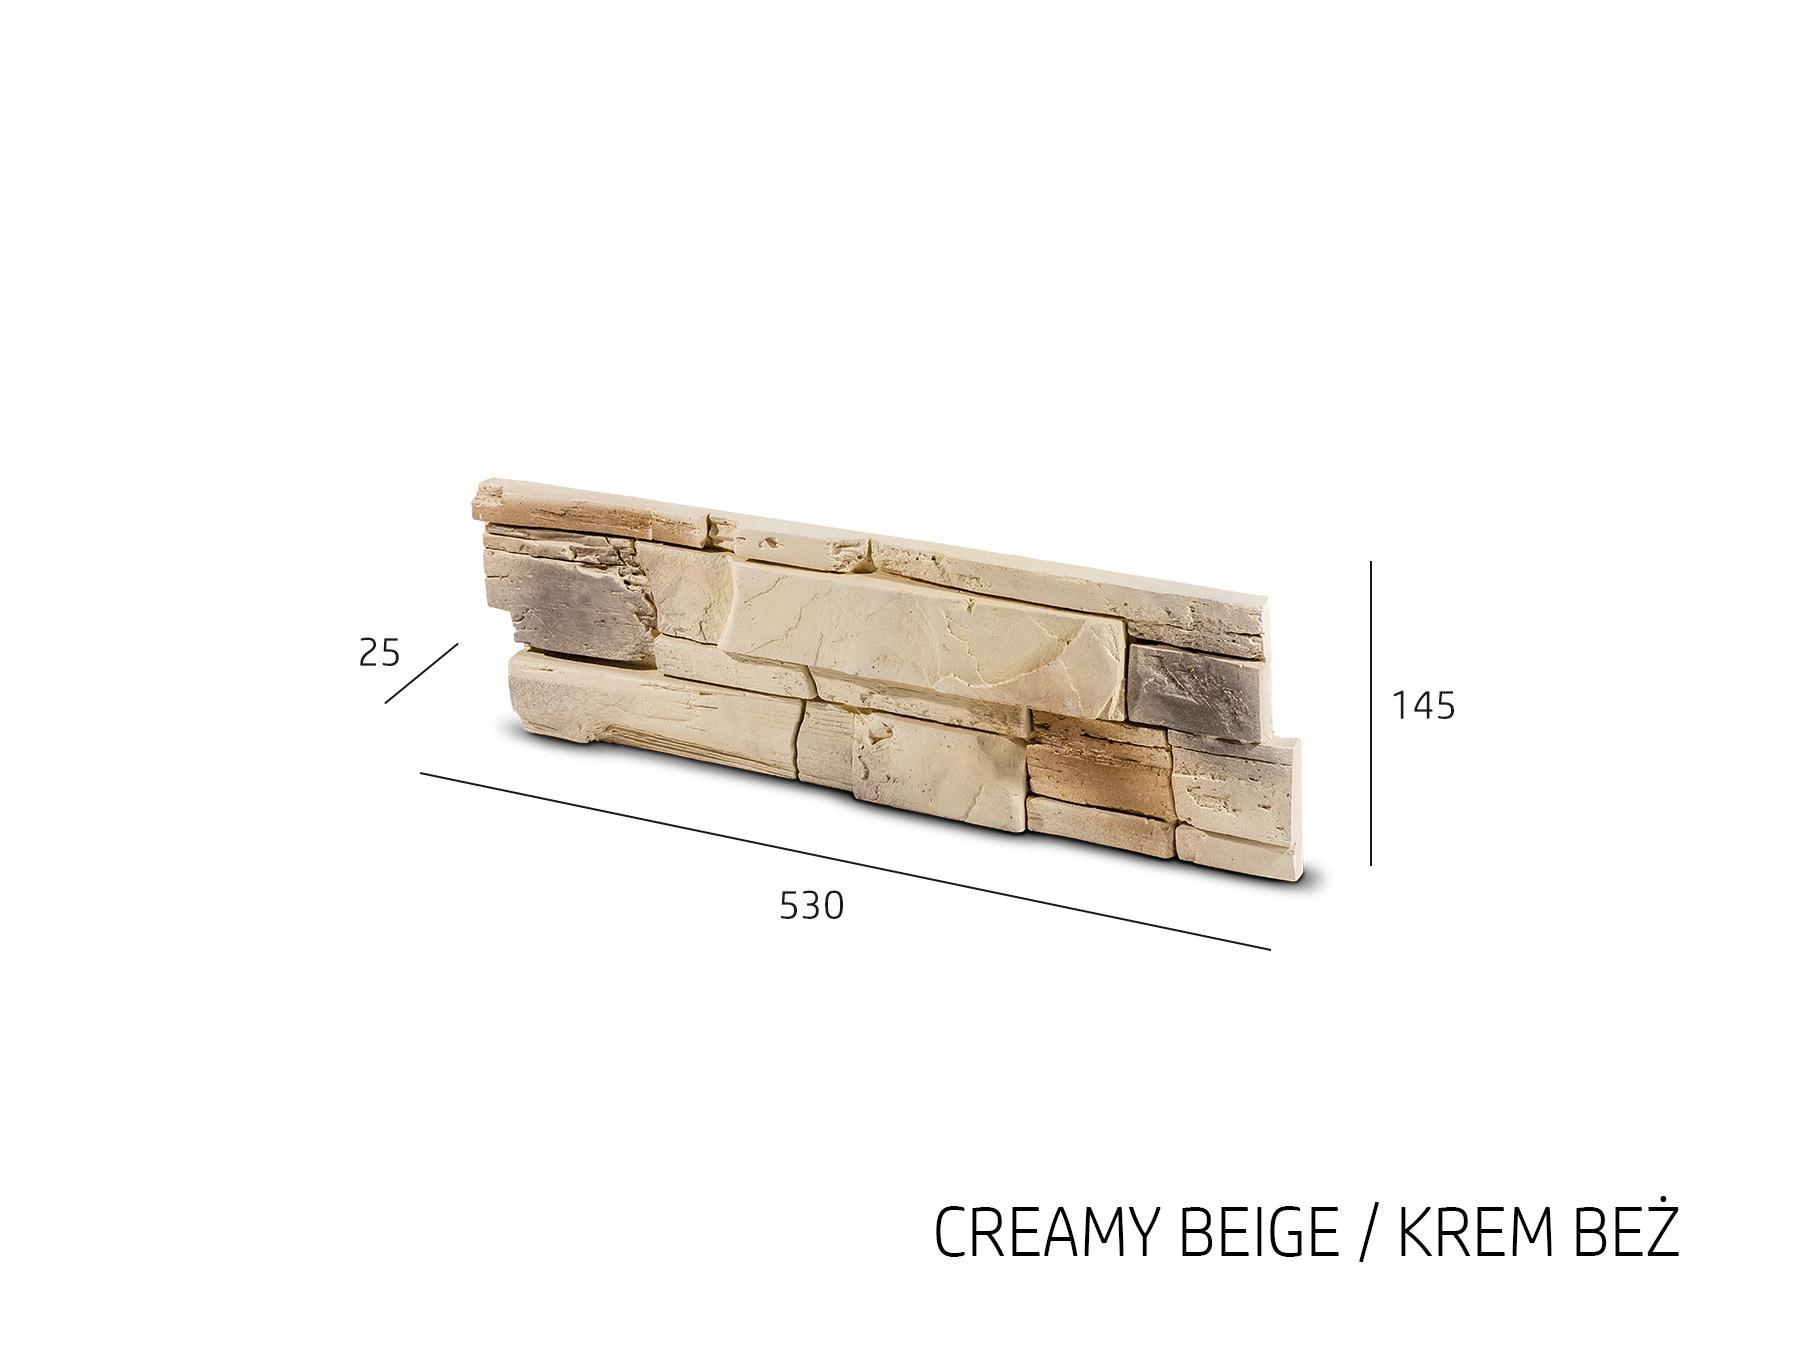 Obkladový kámen TENABO béžová 530x145x25 mm Sádra balení 0,46m2